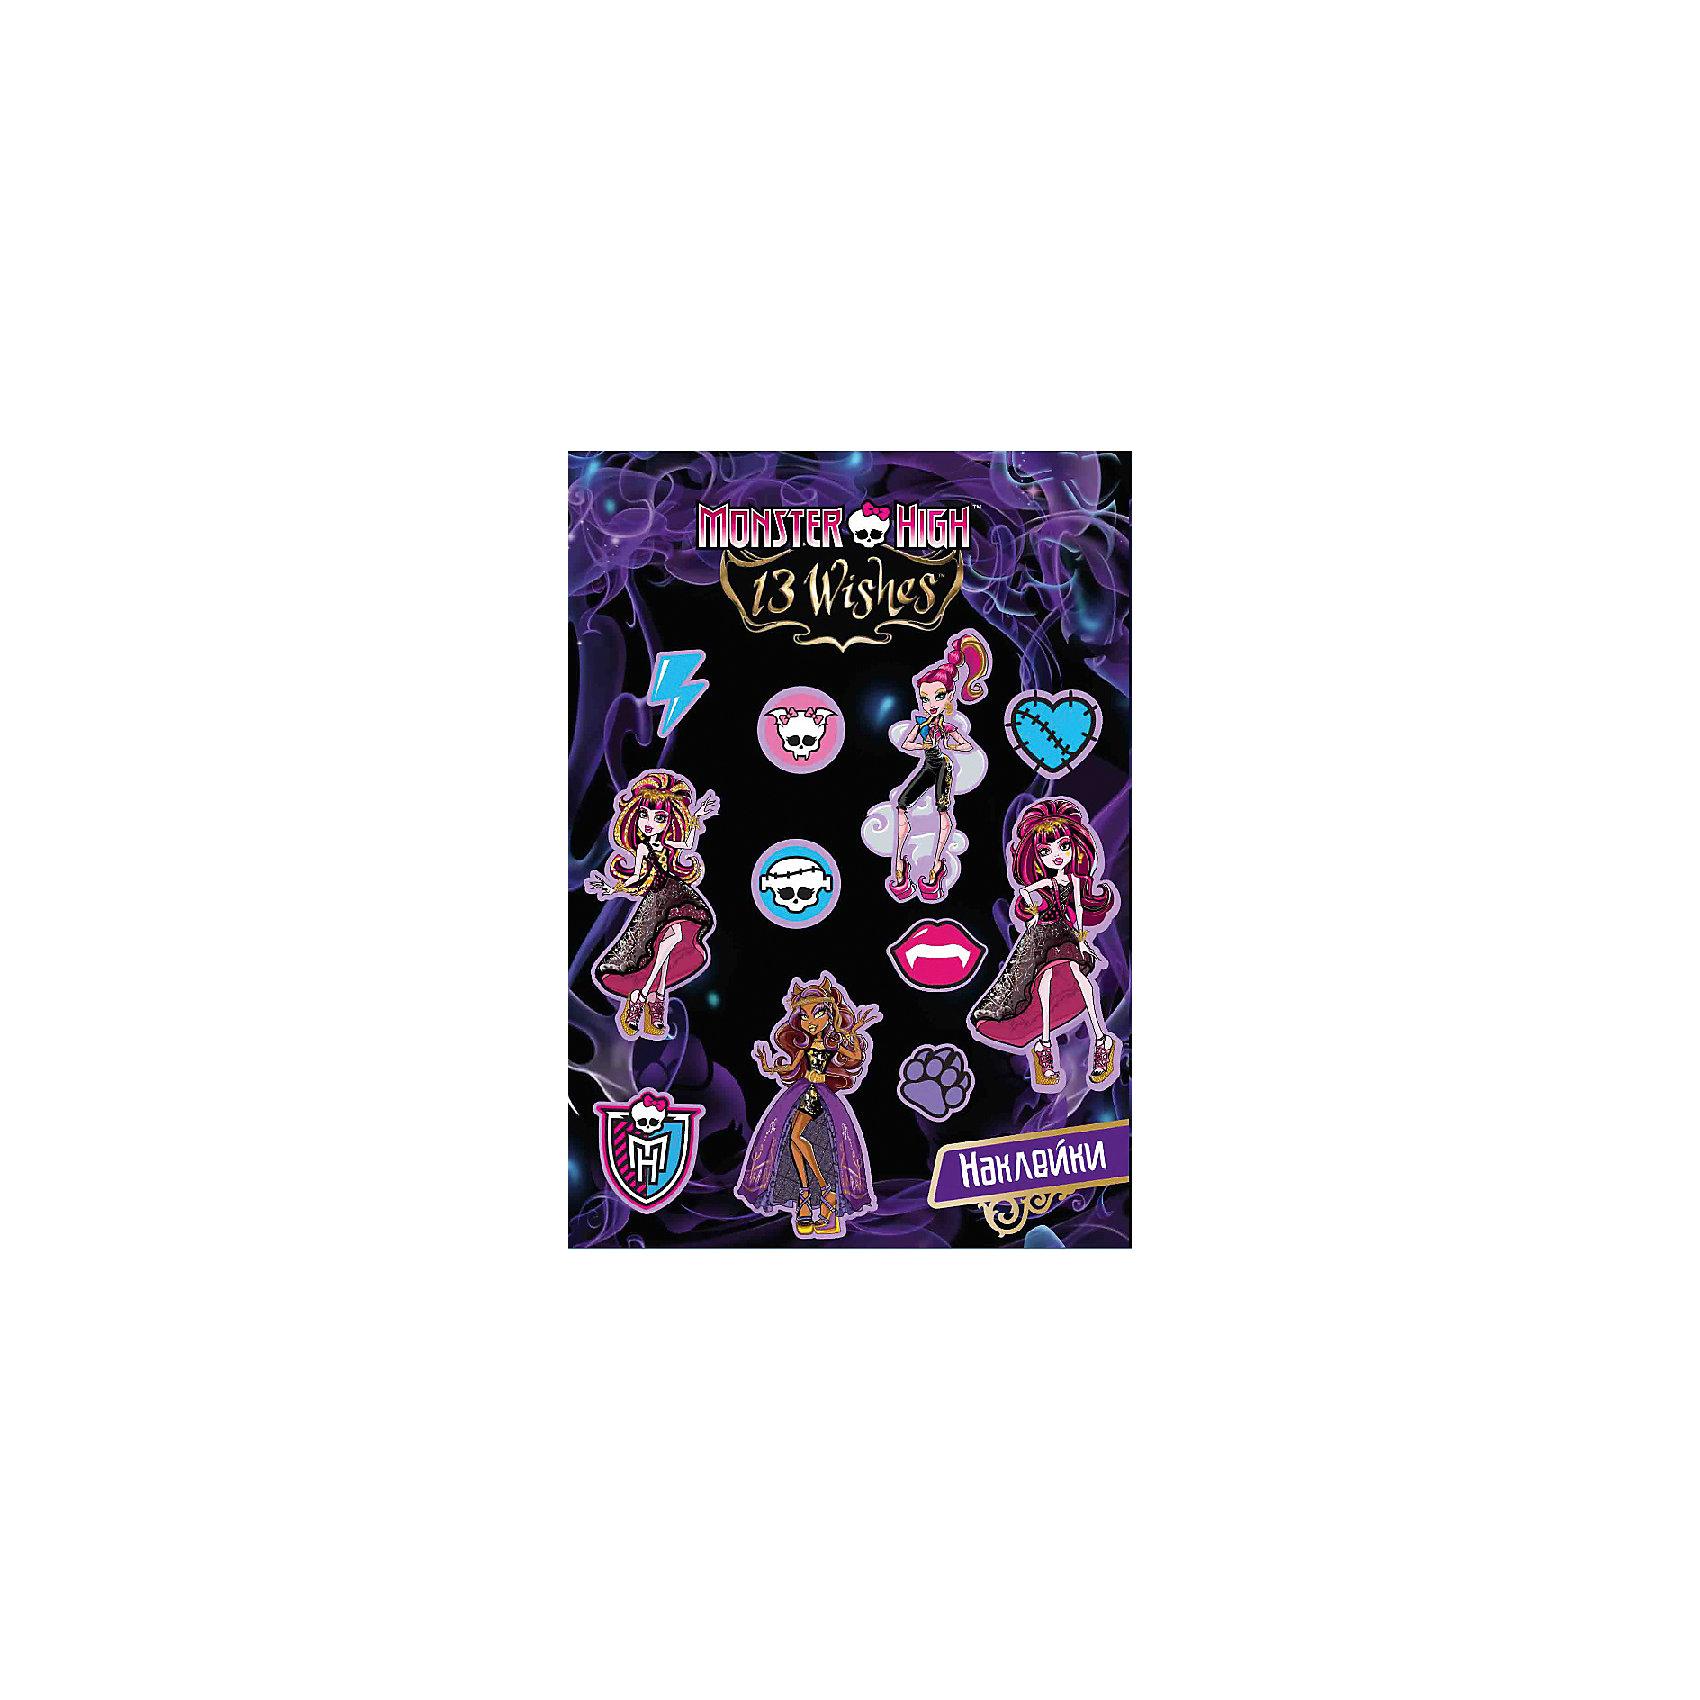 CENTRUM Наклейки для тетрадей 13 желаний, Monster High детские наклейки монстер хай monster high альбом наклеек